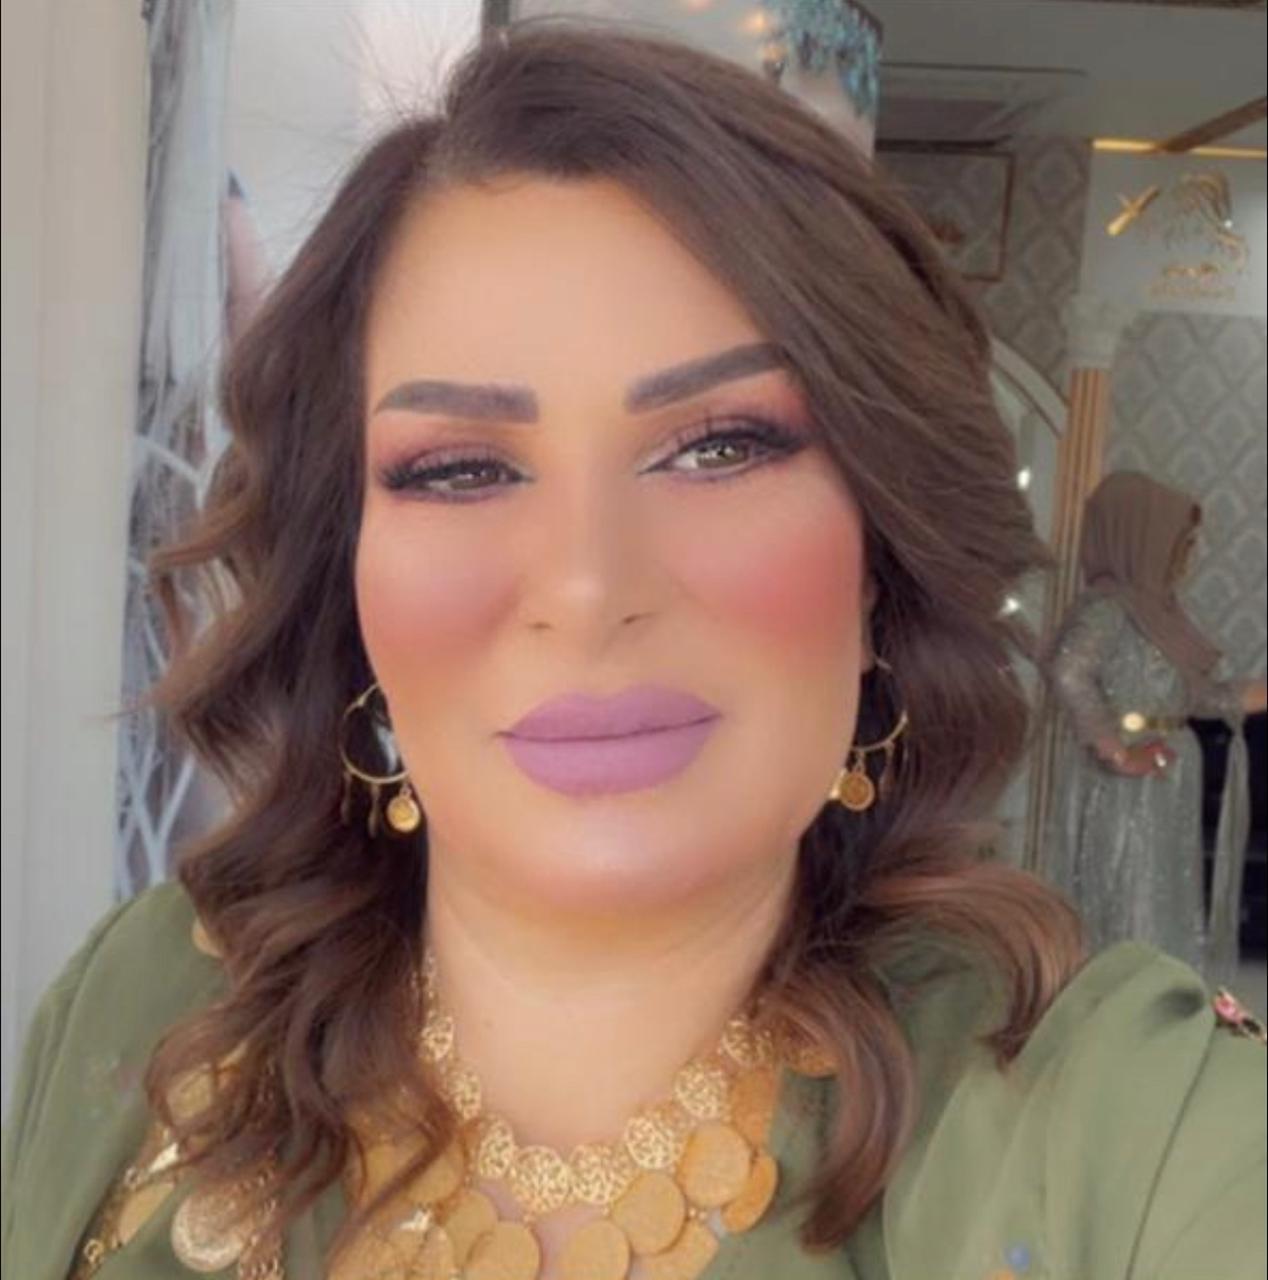 خبيرة التجميل سامال علي فقي مراد : أقوم بتثقيف النساء من خلال ظهورى على  7قنوات عراقية